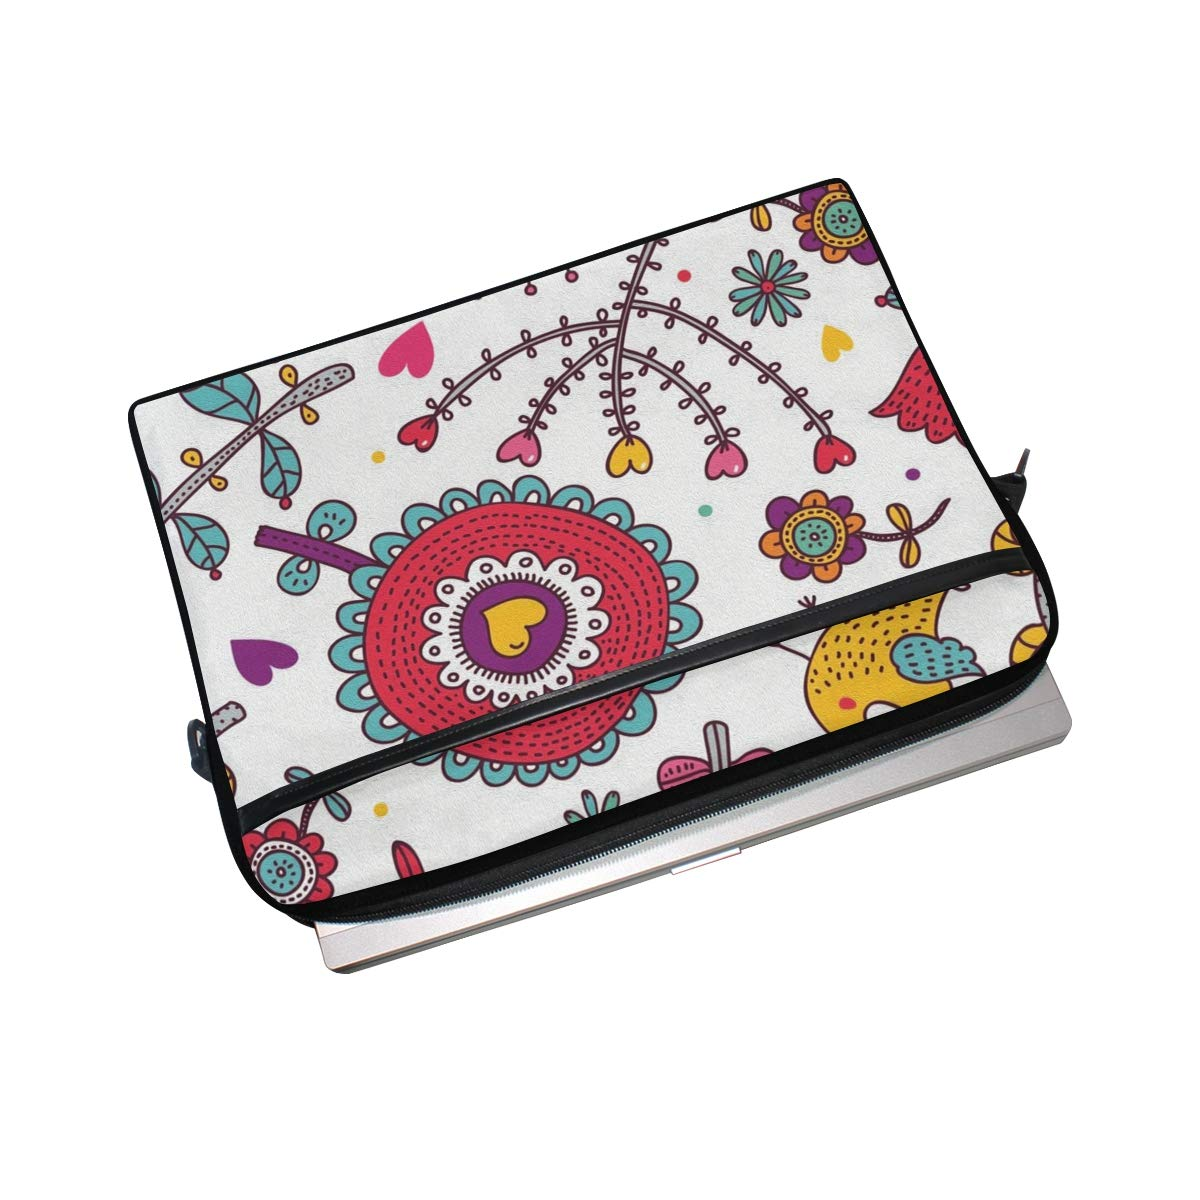 Amazon.com: Laptop Briefcase Cute Picture Laptop Bag for Men ...